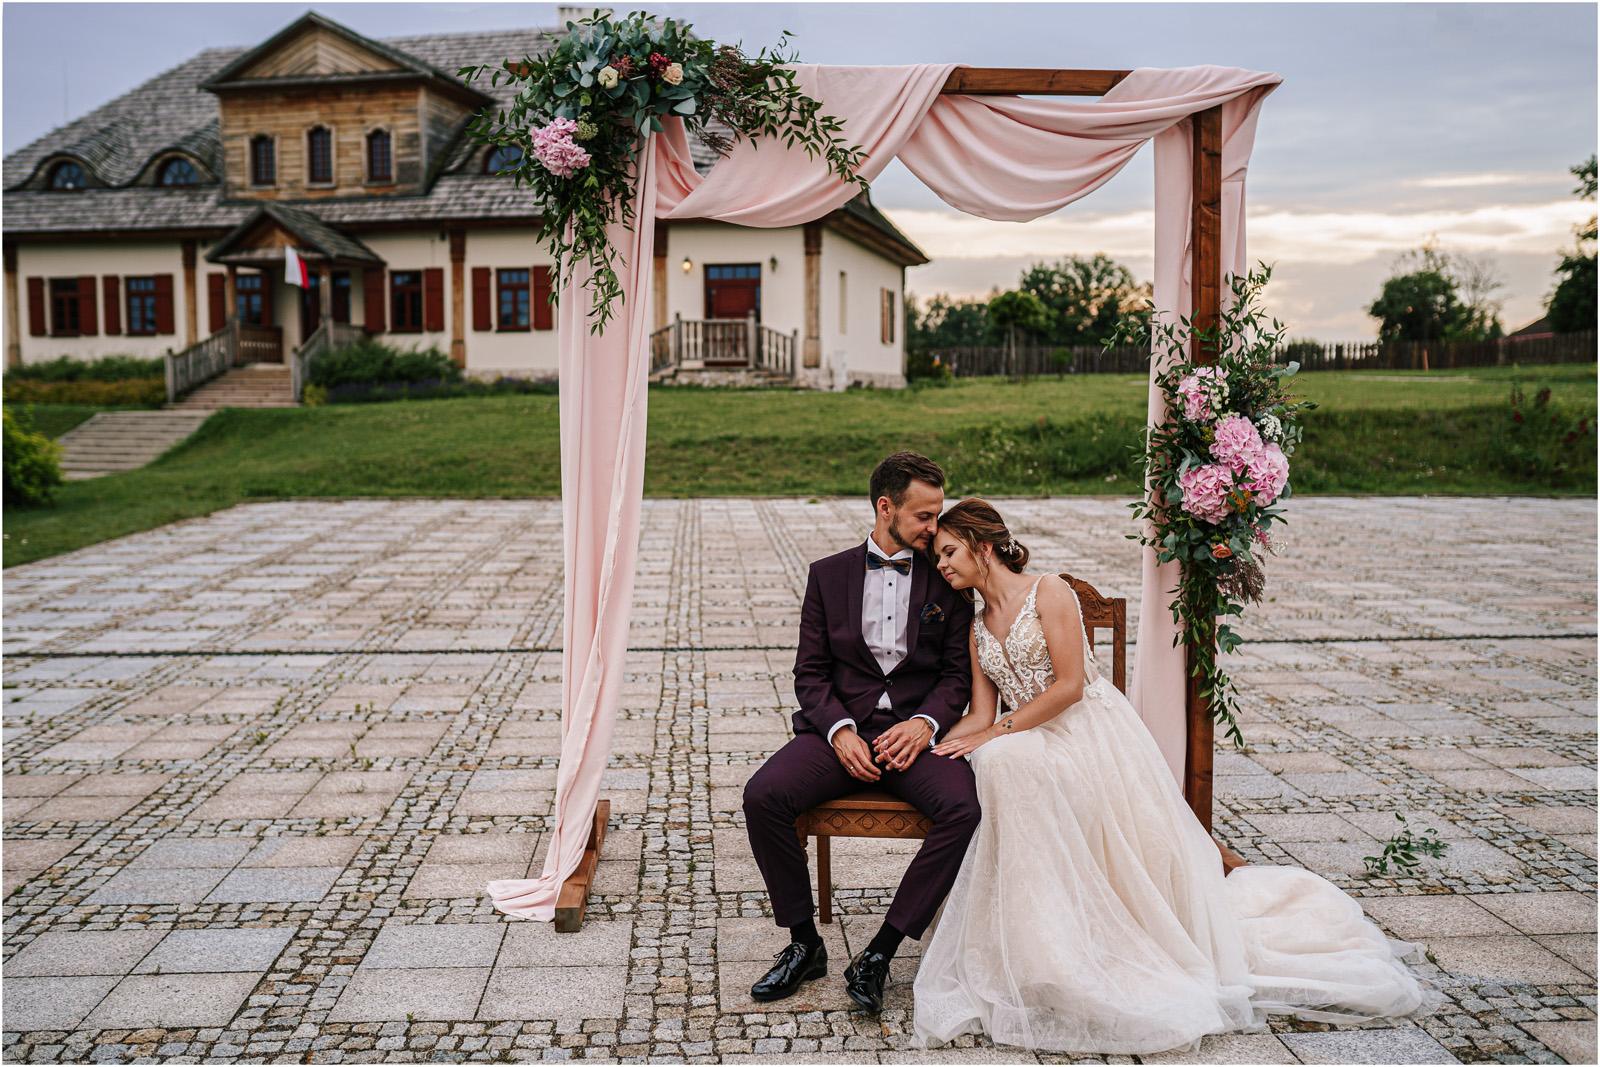 Kasia & Damian   ślub plenerowy w Kuźni Smaków i sesja w skansenie 52